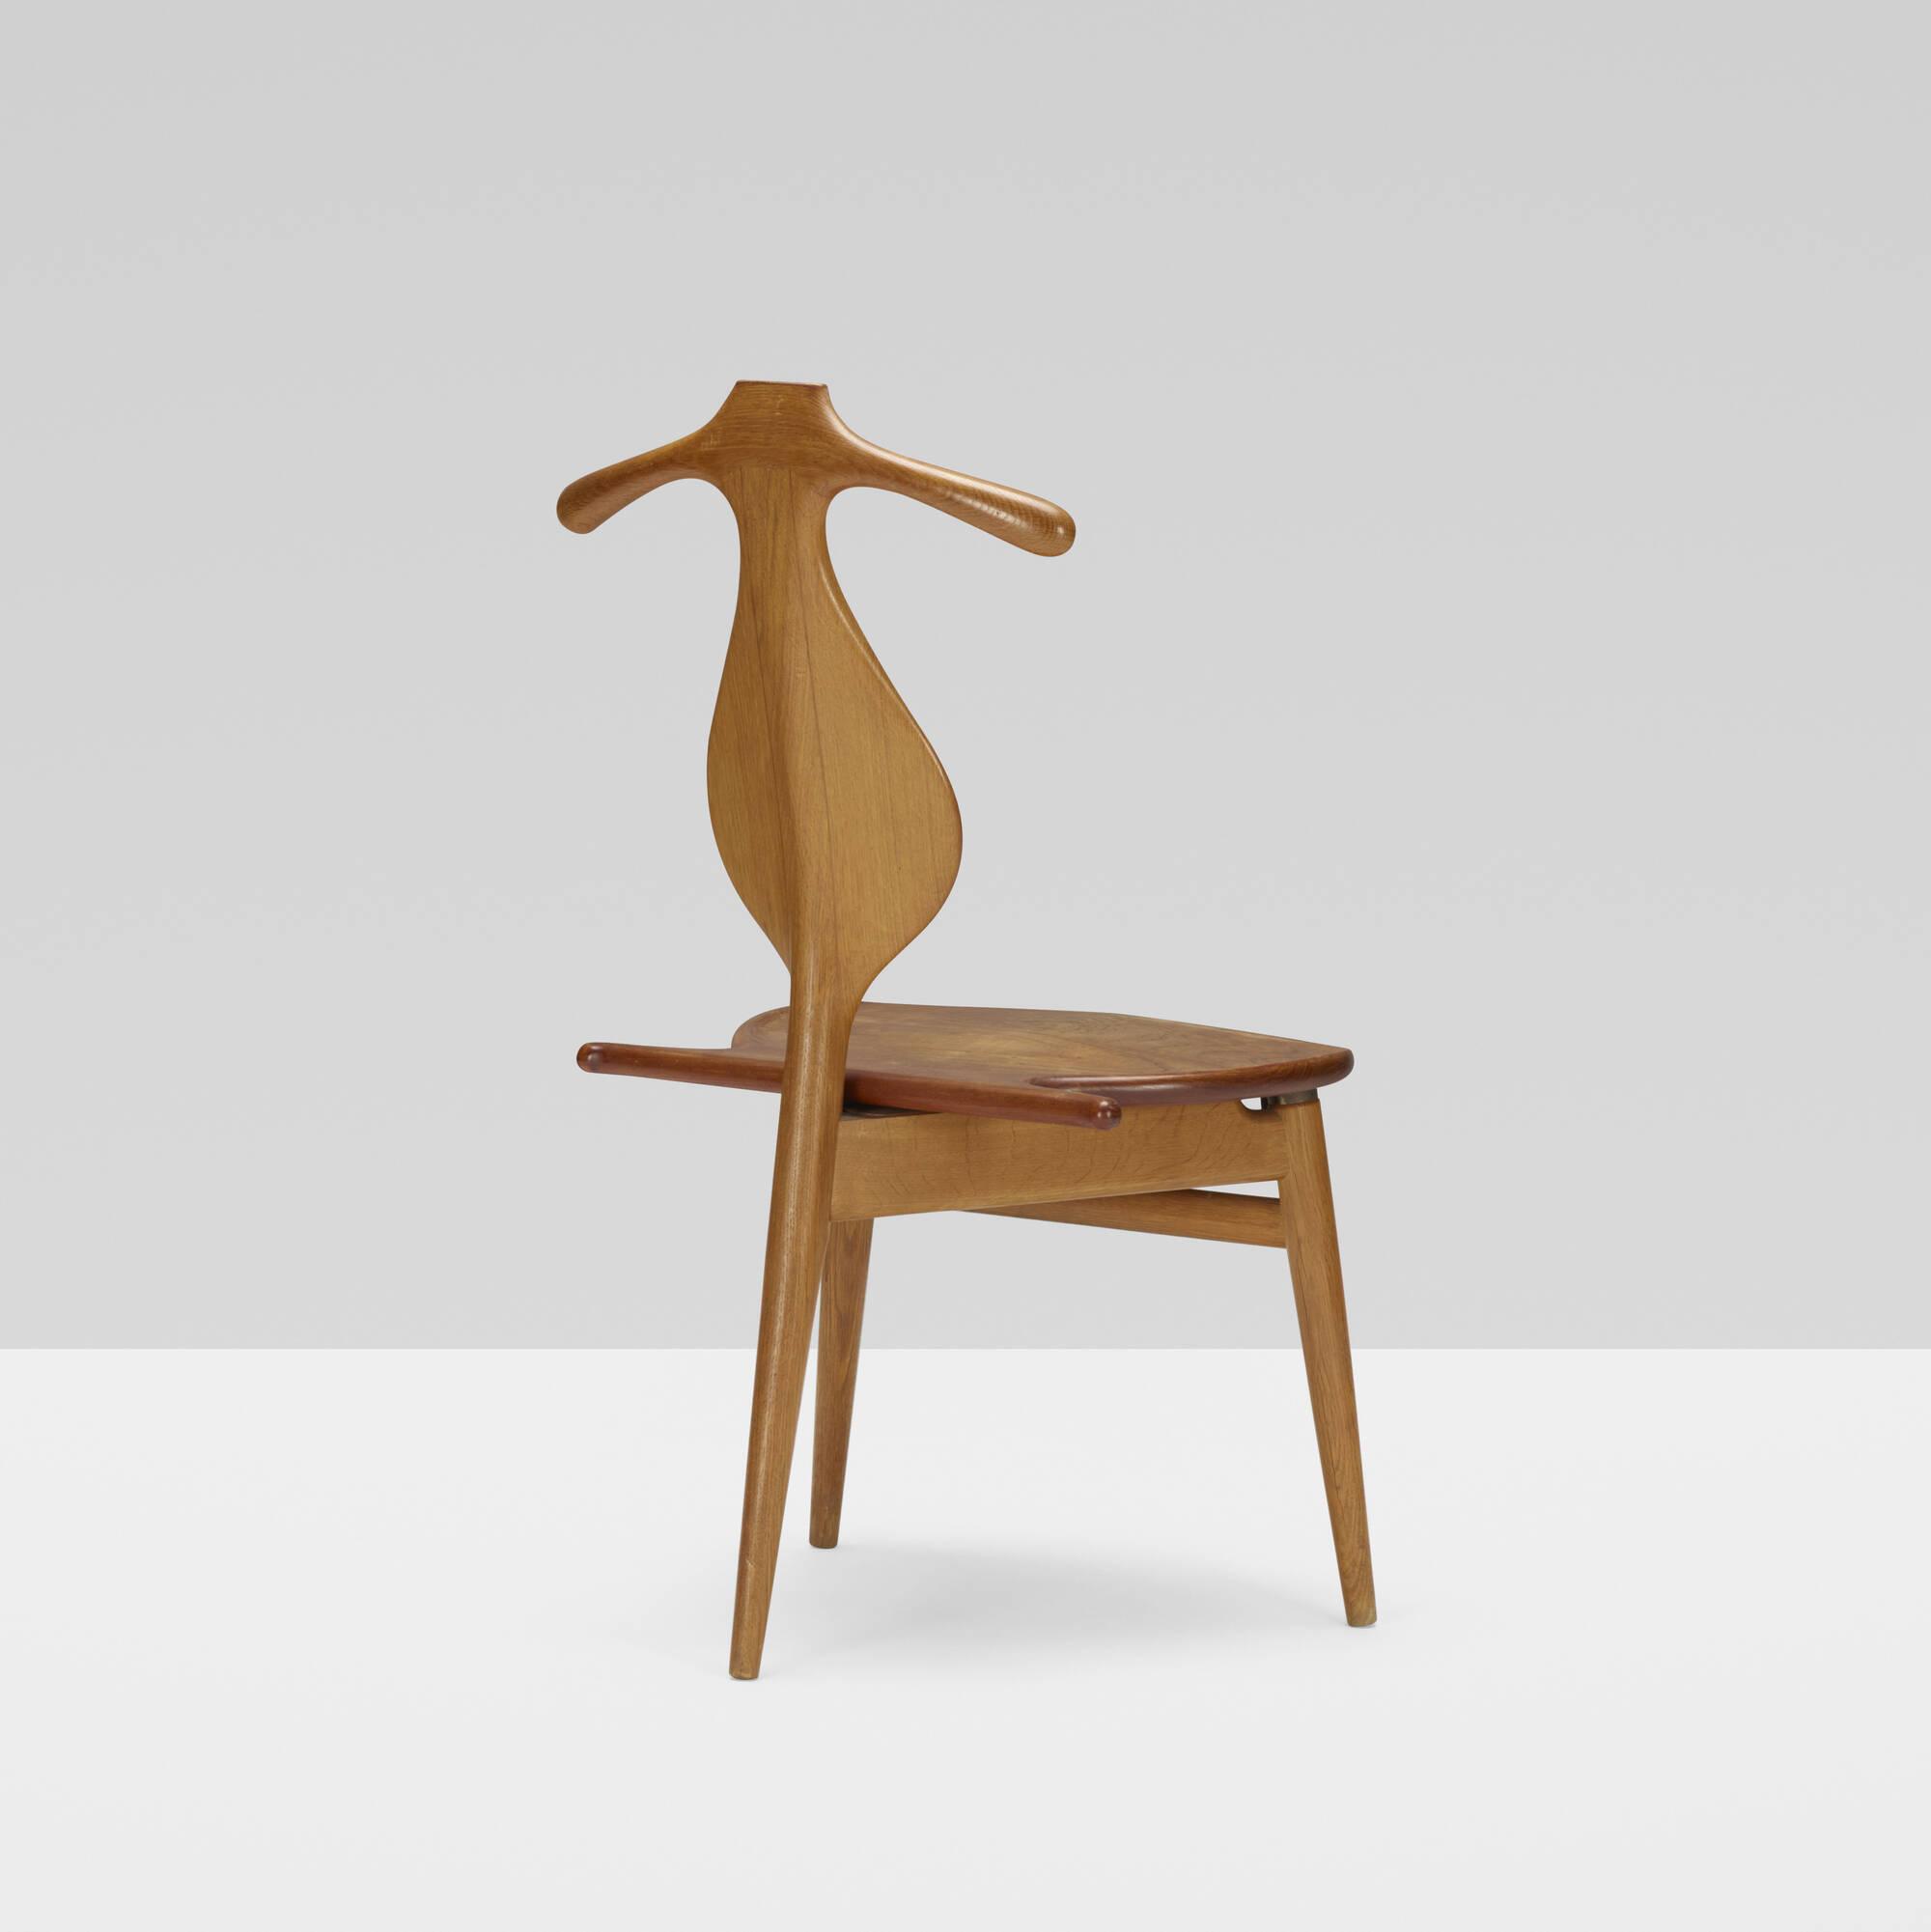 376 Hans J Wegner Valet chair Design 9 June 2016 Auctions